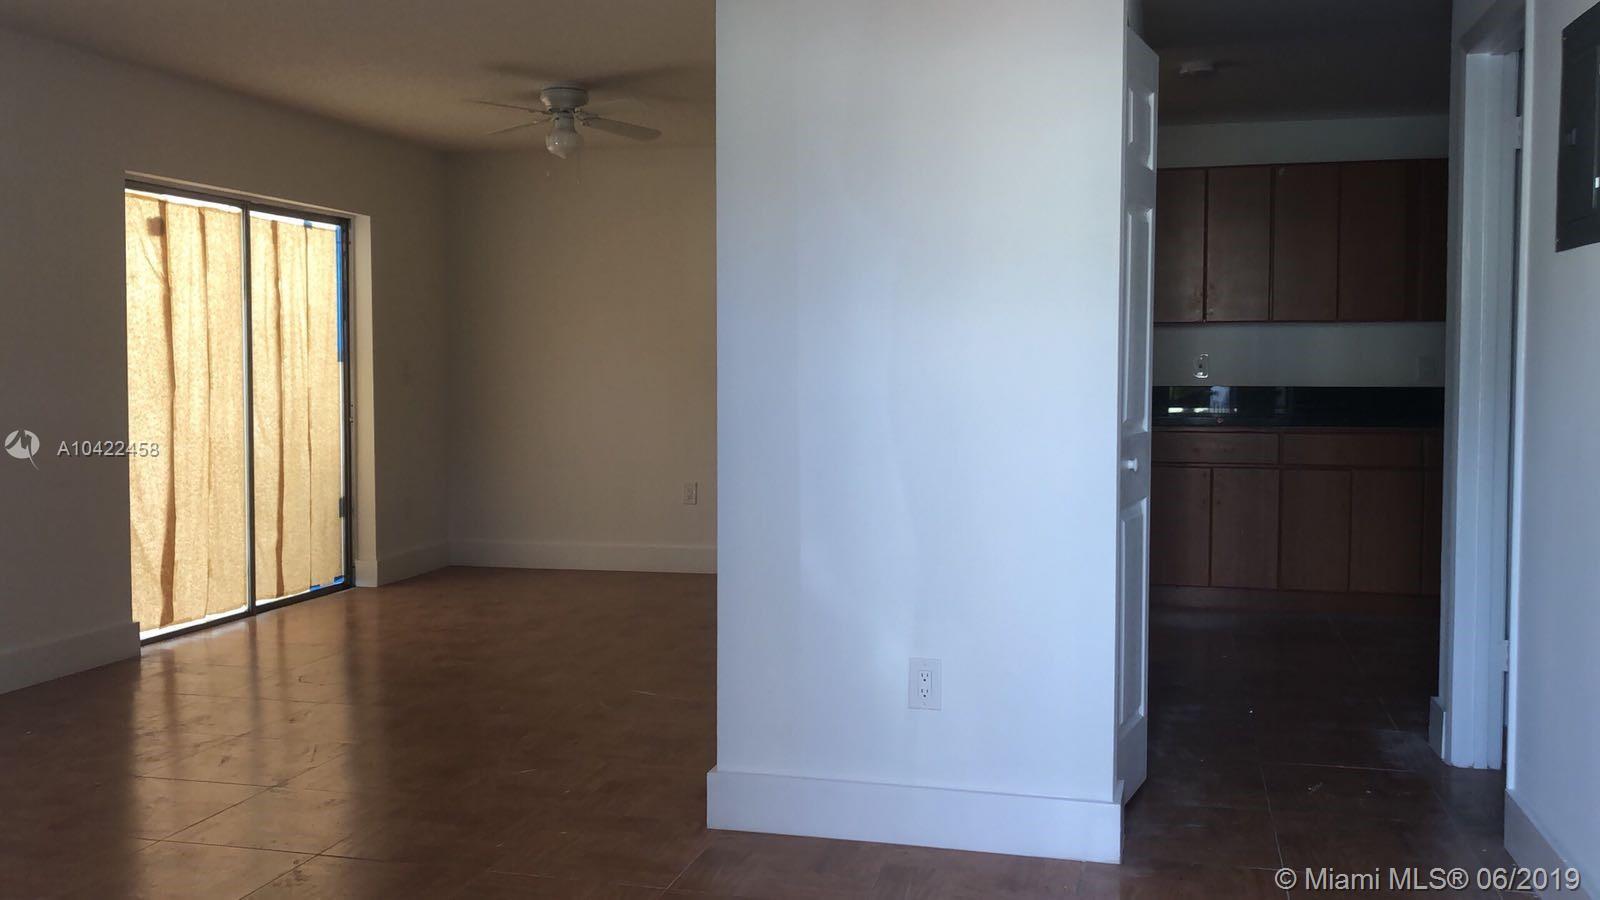 253 NE 12th Ave #253 For Sale A10422458, FL